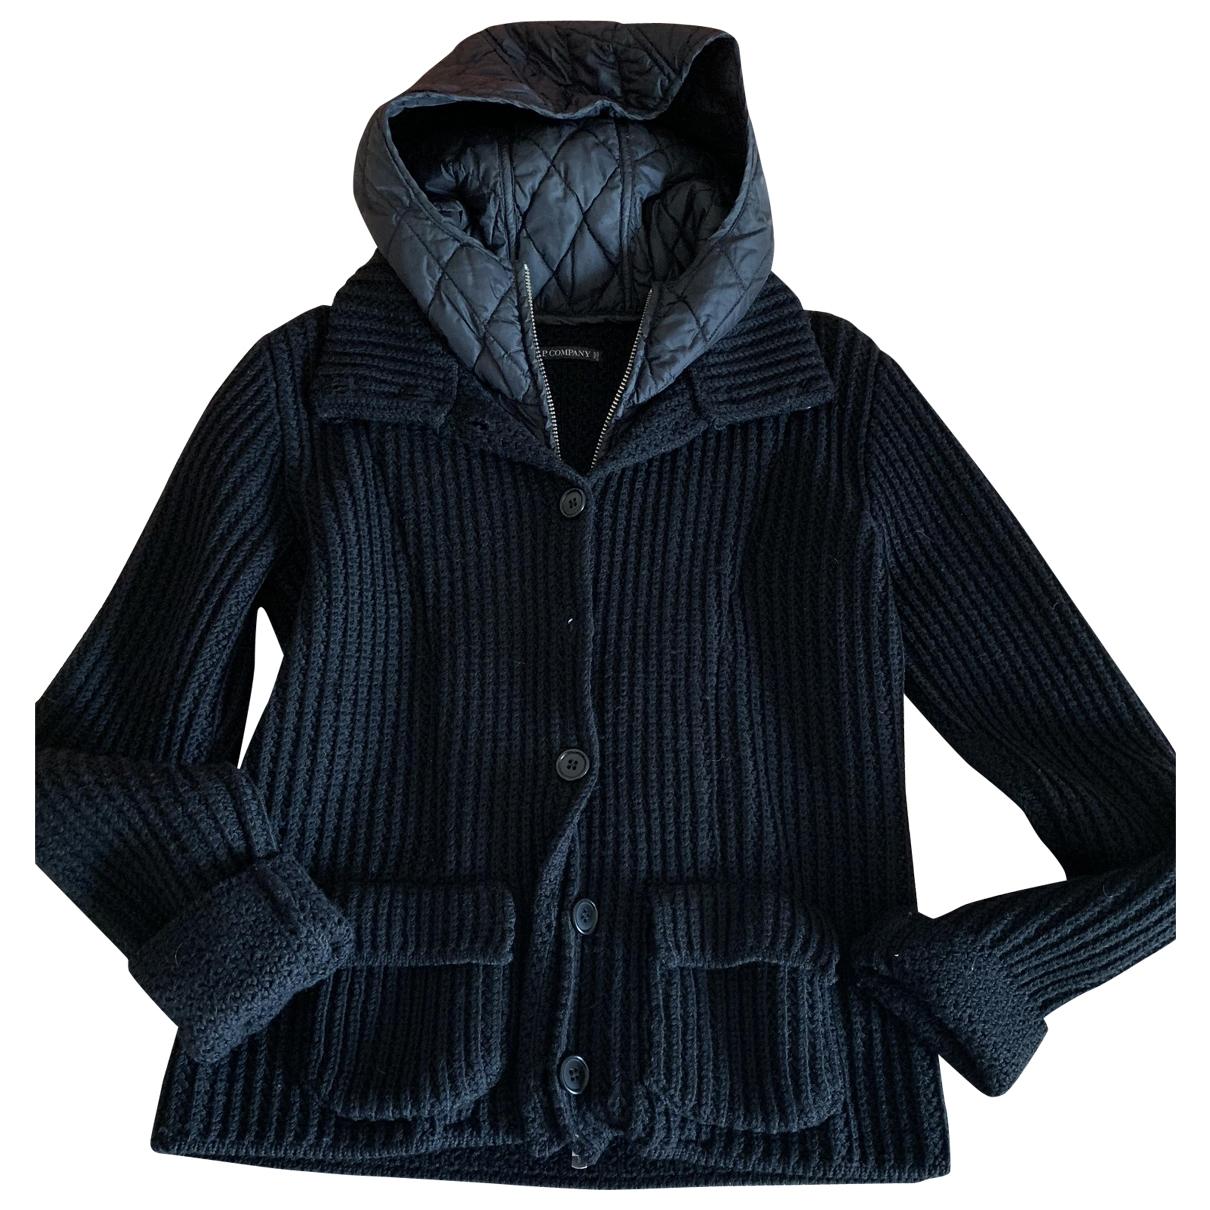 Cp Company - Pull   pour femme en laine - noir